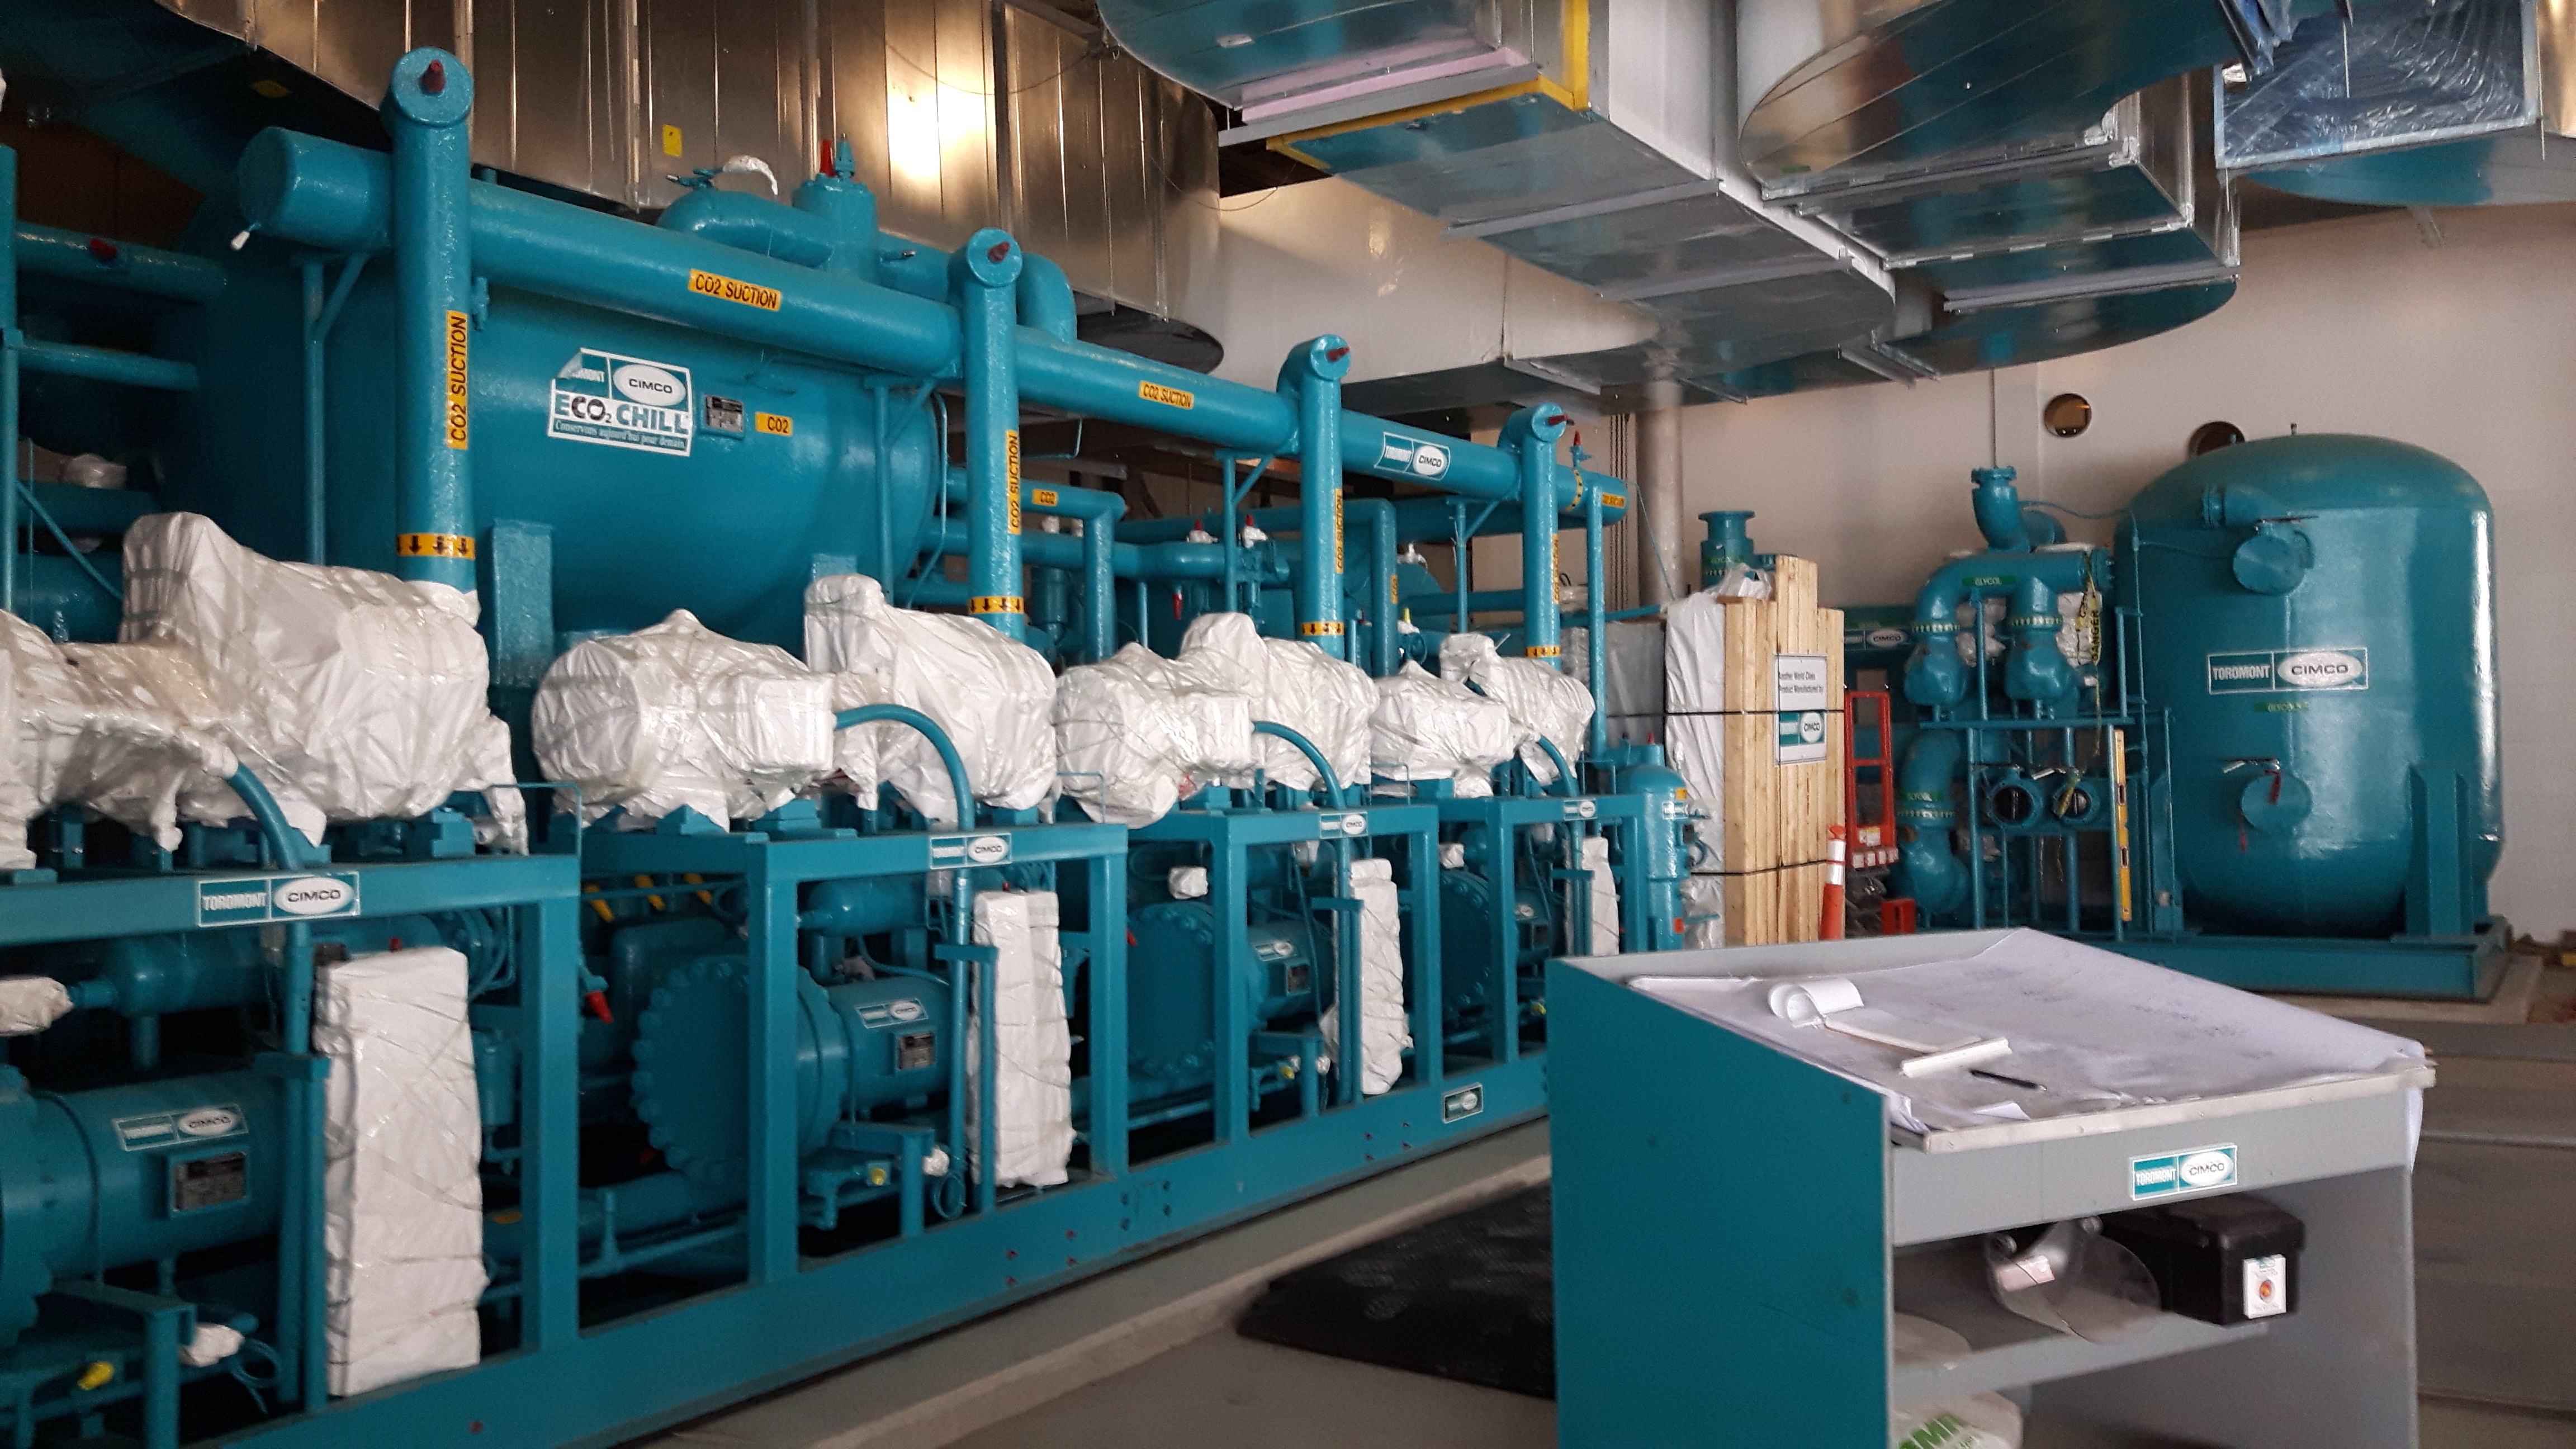 Cimco Pack CO2 basse température